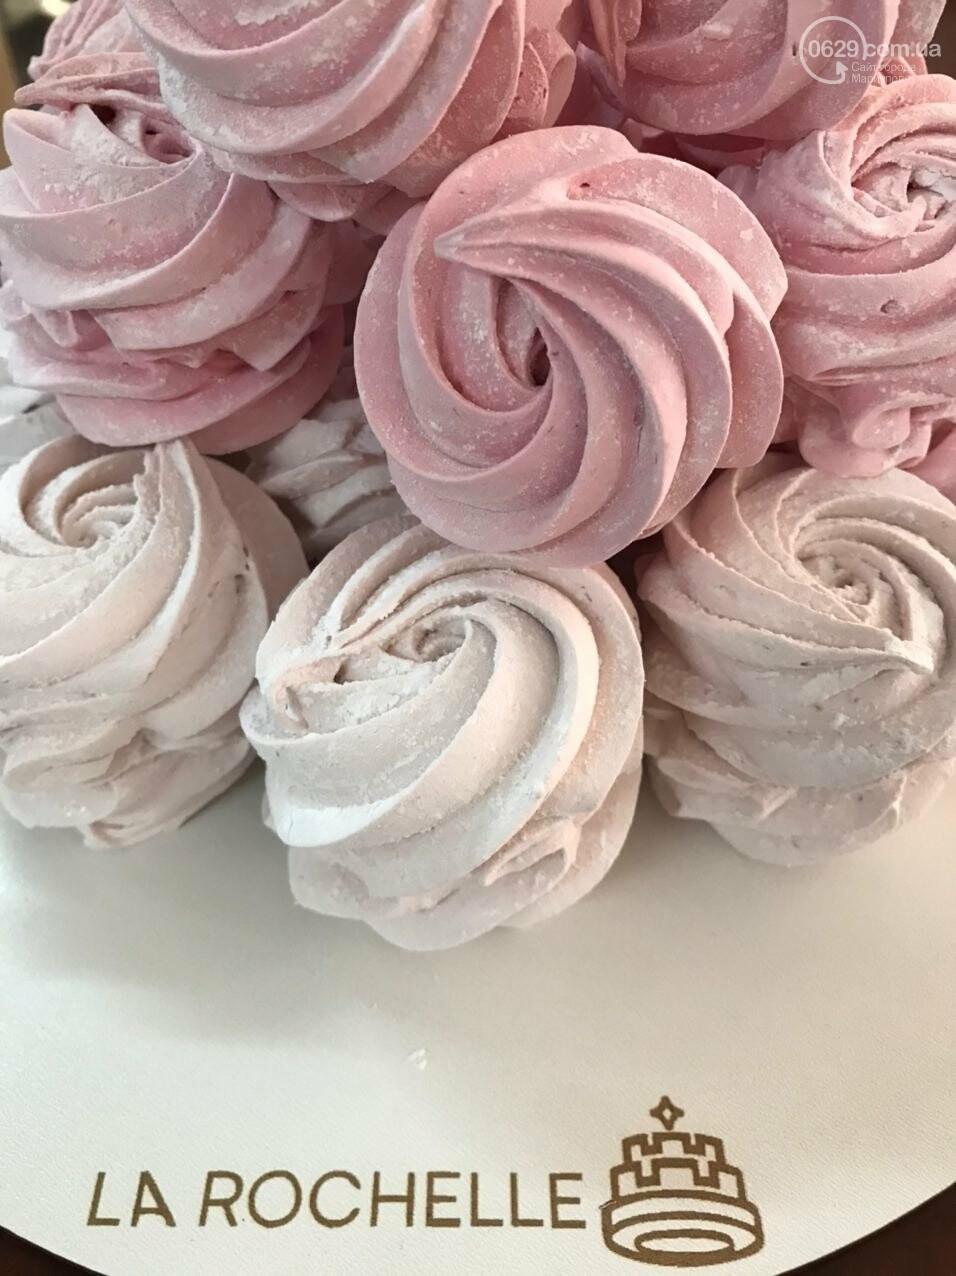 Вкуснейшие торты с доставкой по Мариуполю в течение 60 минут! LA ROCHELLE запускает интернет-магазин!, фото-7